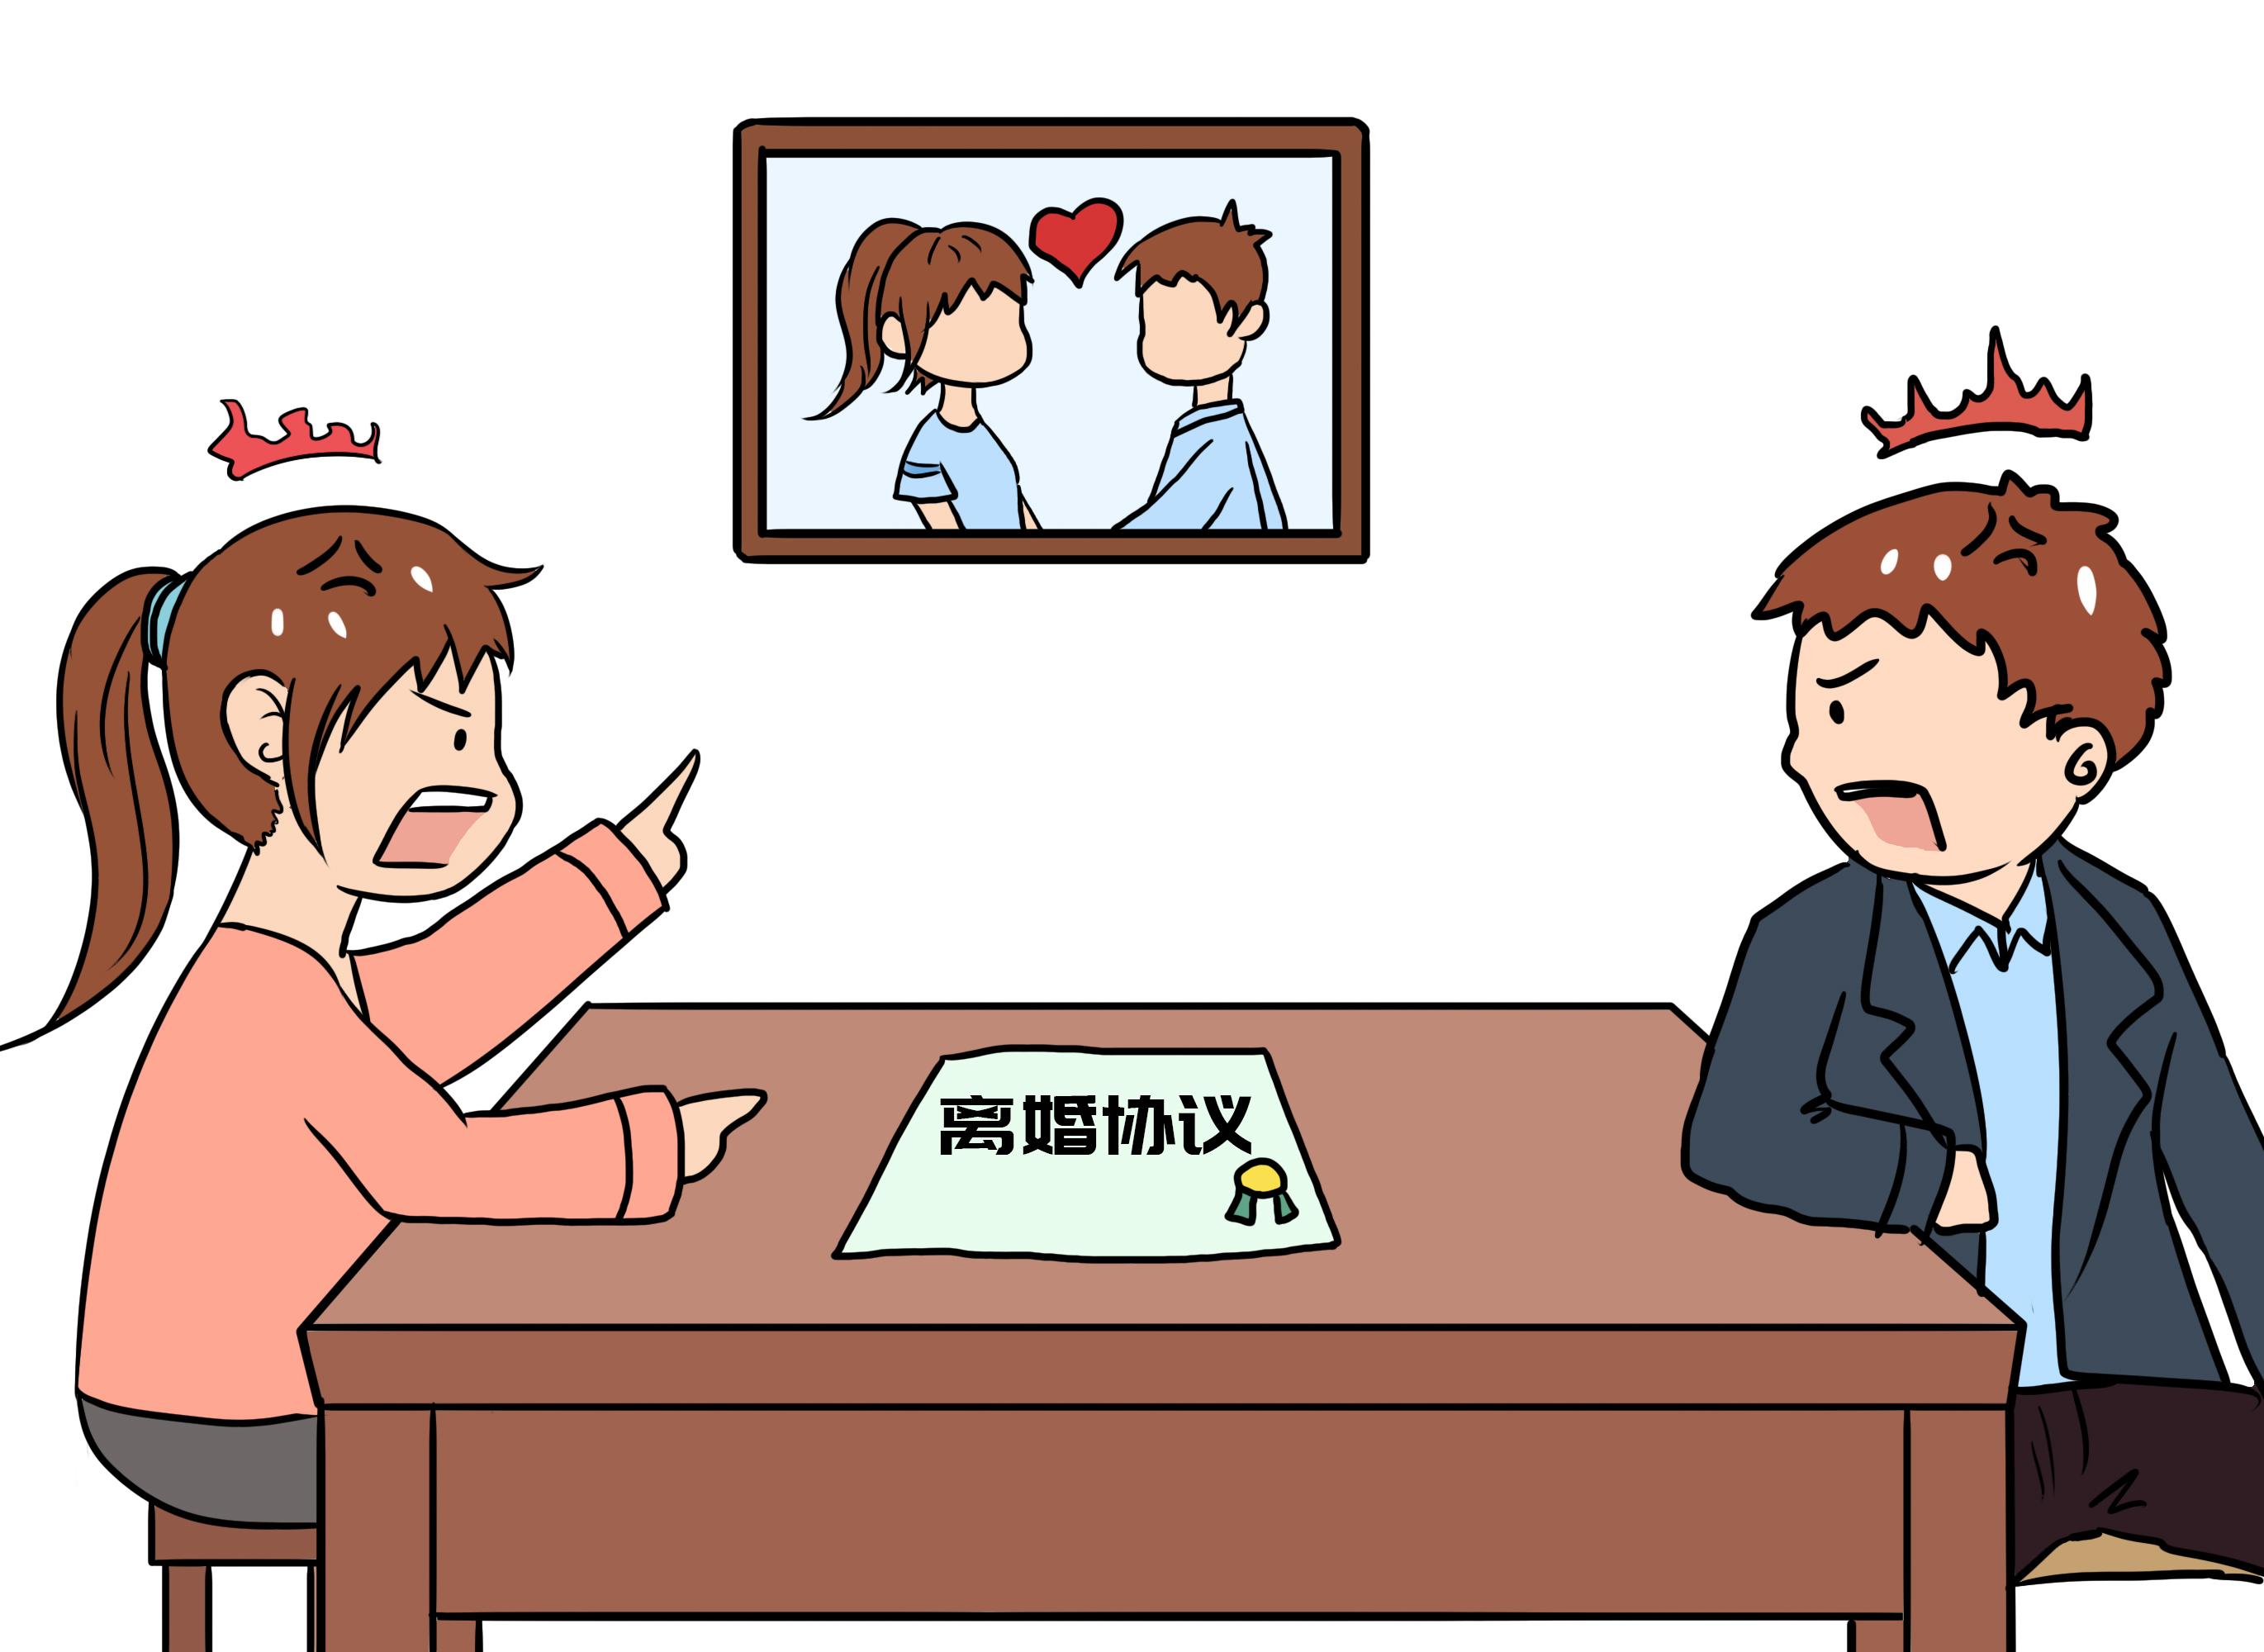 提出离婚申请需要经过哪些流程?